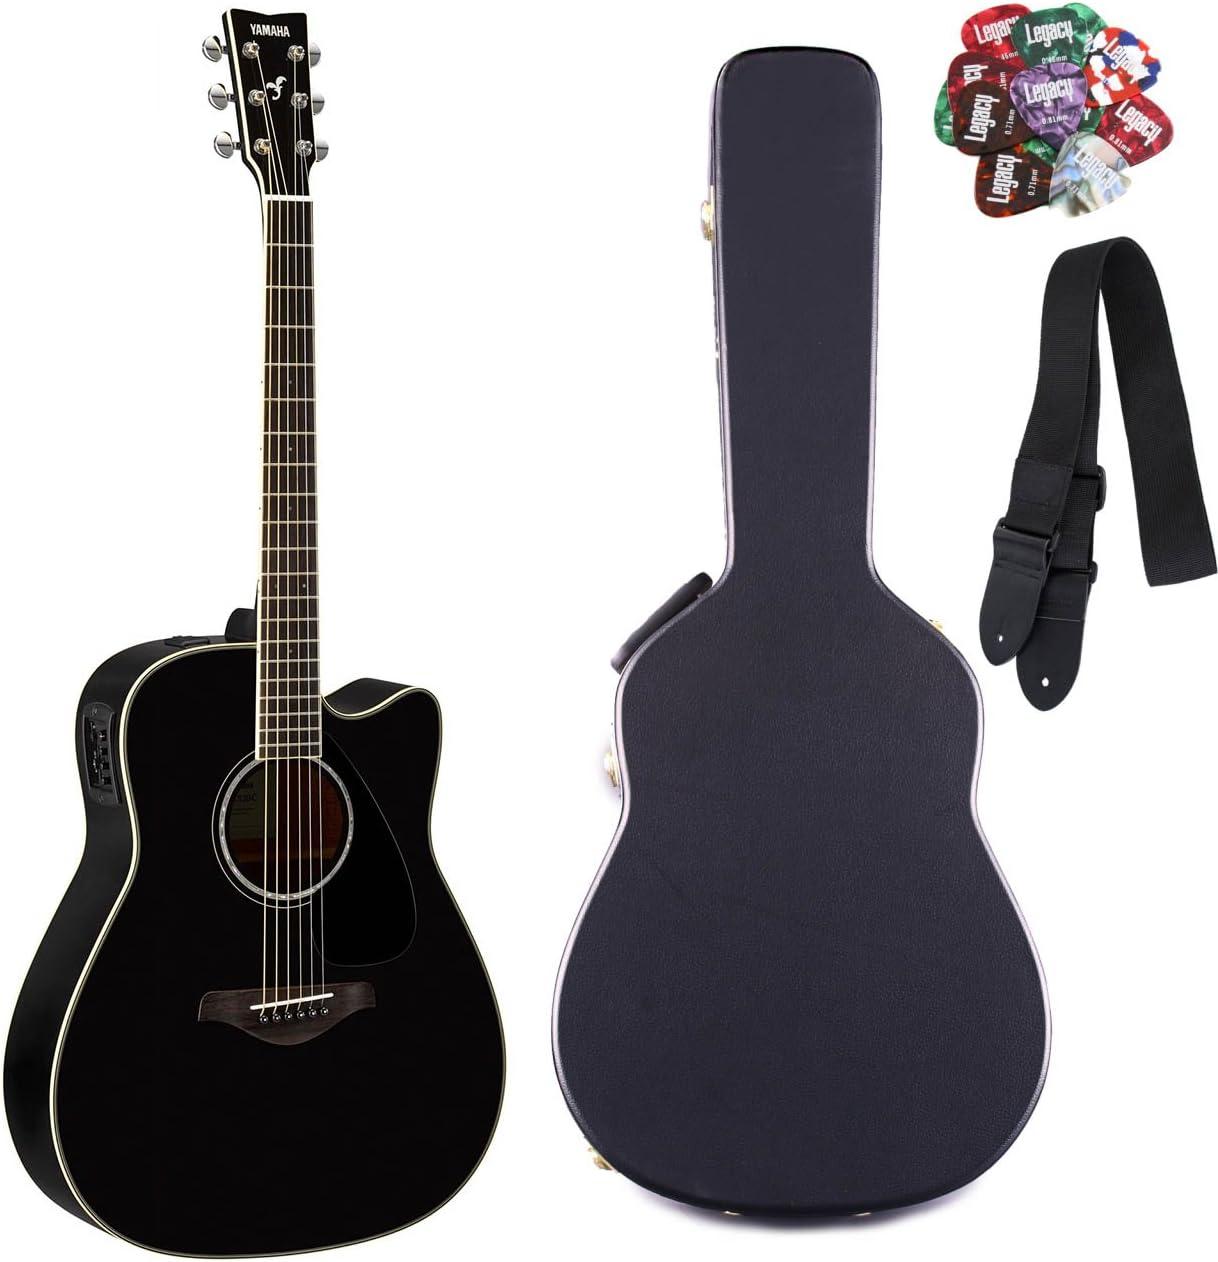 Yamaha fgx830 C Folk Guitarra acústica con cutaway guitarra eléctrica, sólido, palisandro parte trasera y laterales, con Legado accesorio Bundle, muchas opciones: Amazon.es: Instrumentos musicales